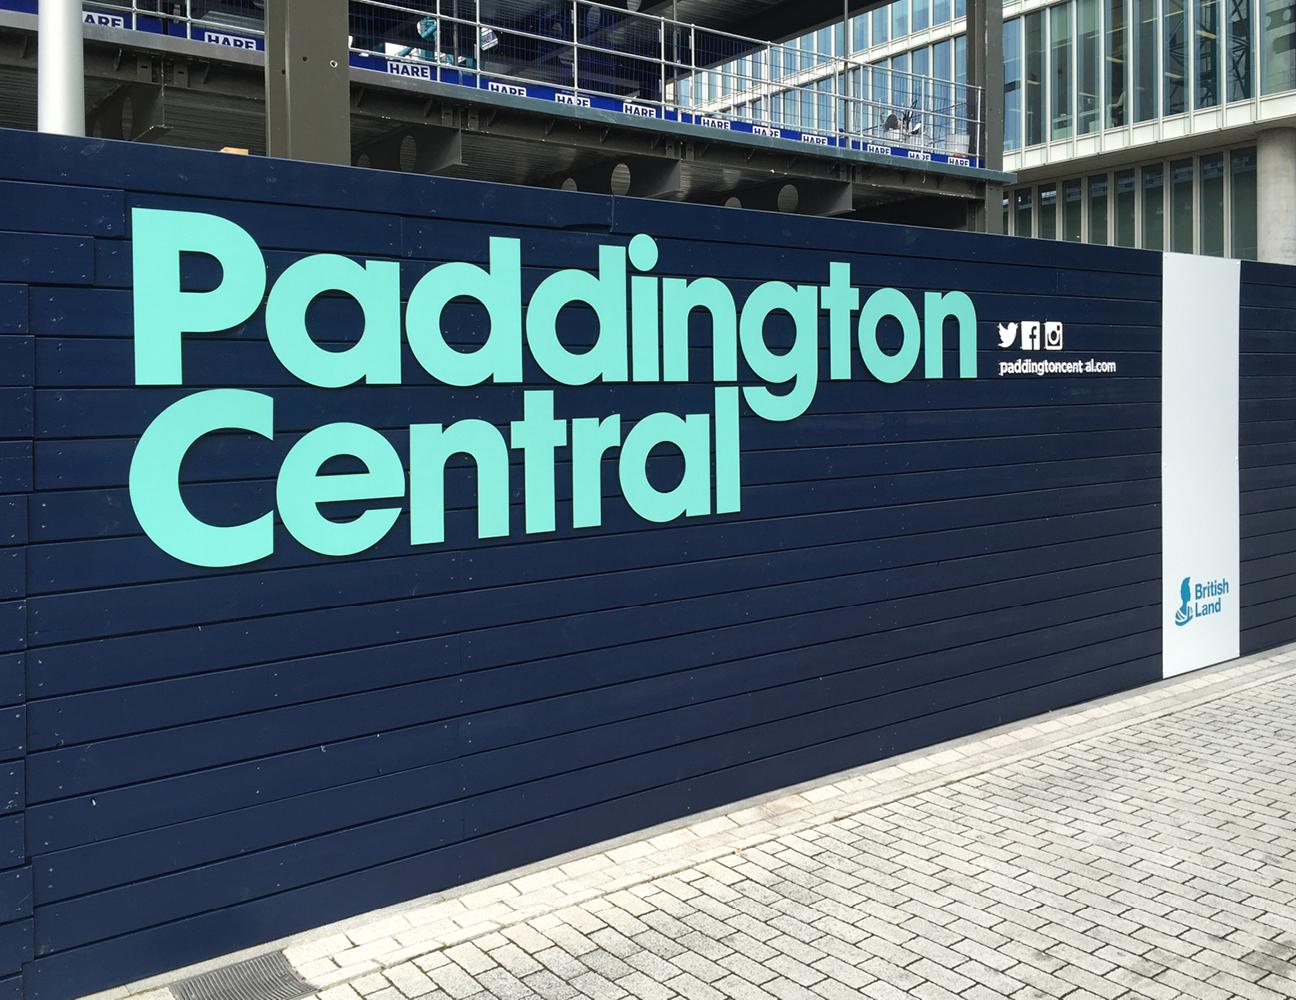 NBT_PaddingtonCentral28